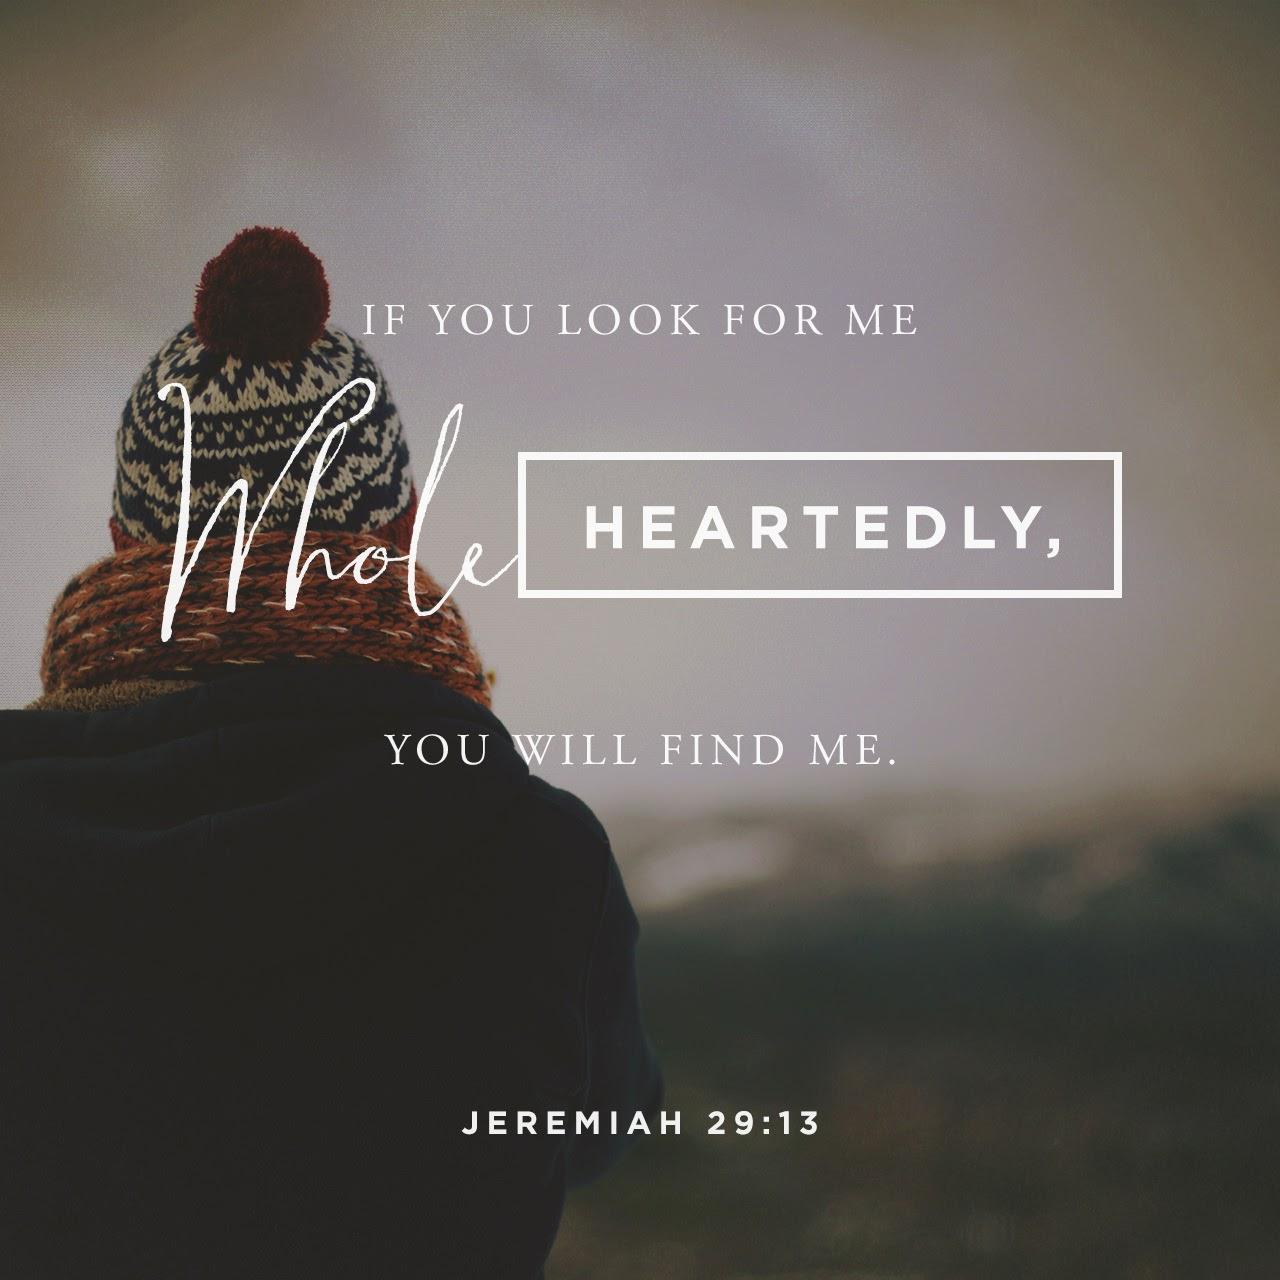 Jeremiah 29:13